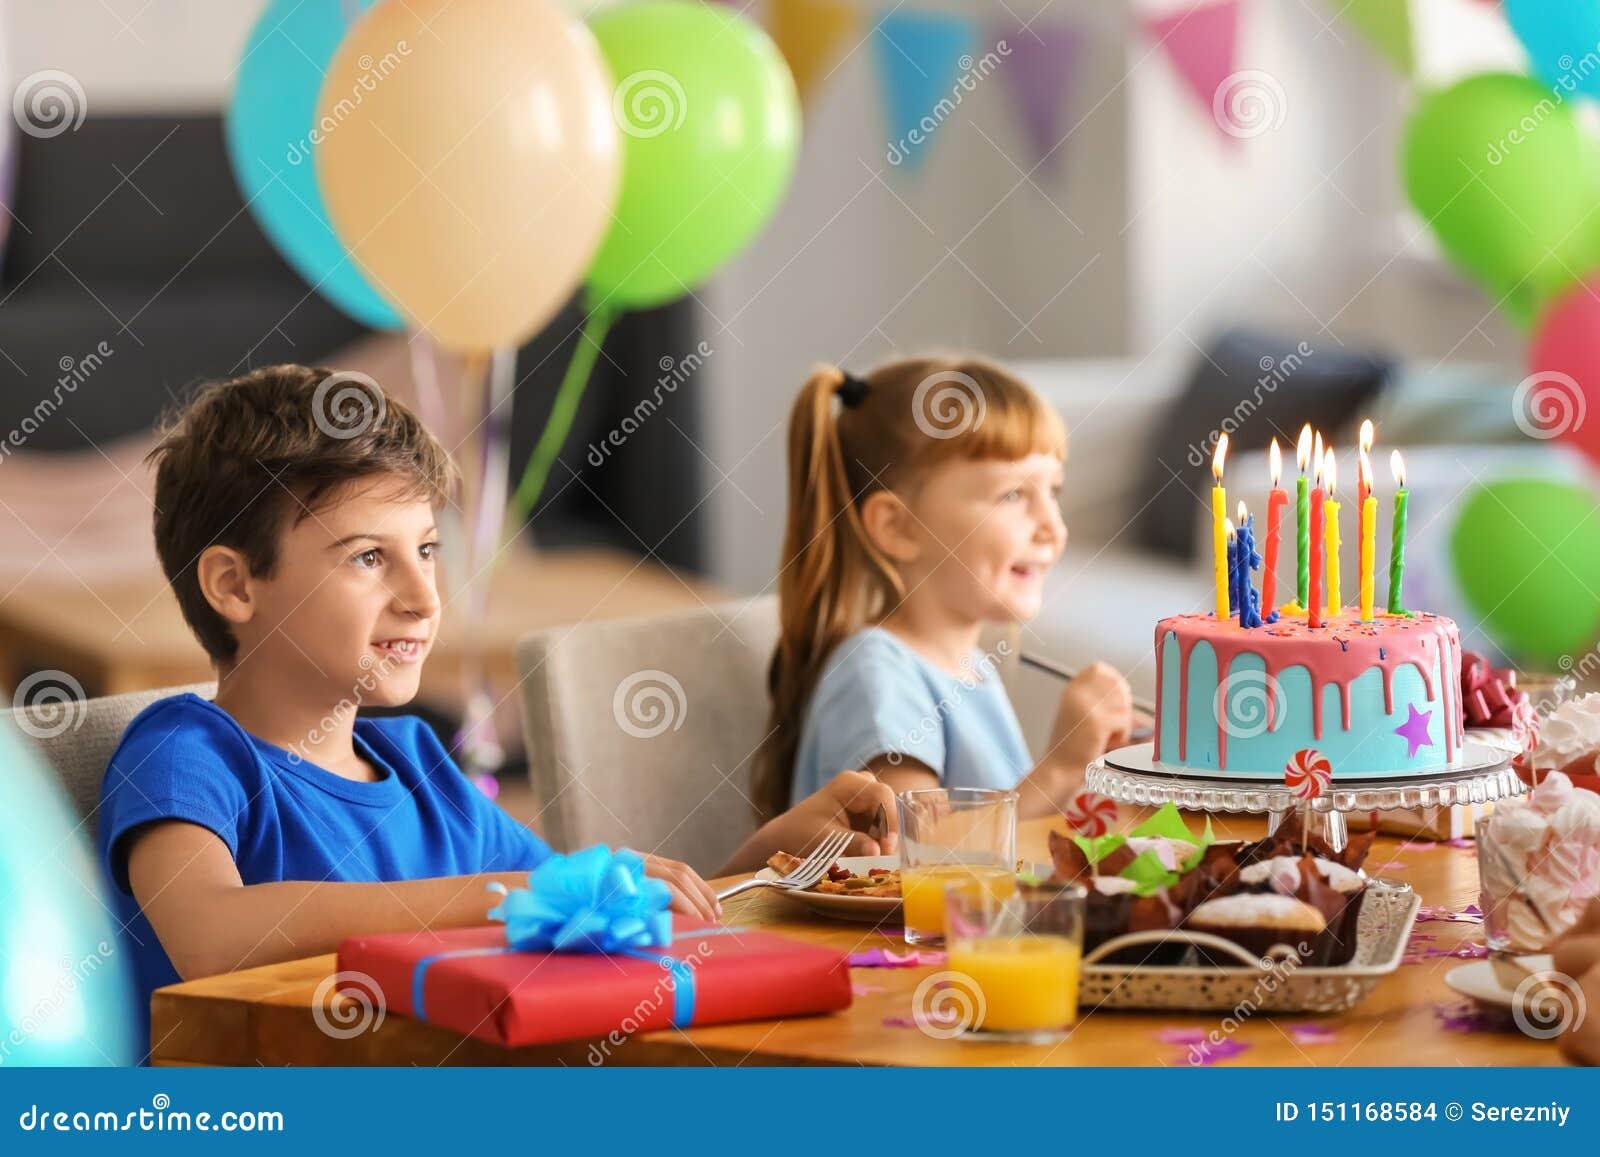 Leuke kleine kinderen die smakelijke pizza en snoepjes eten bij verjaardagspartij